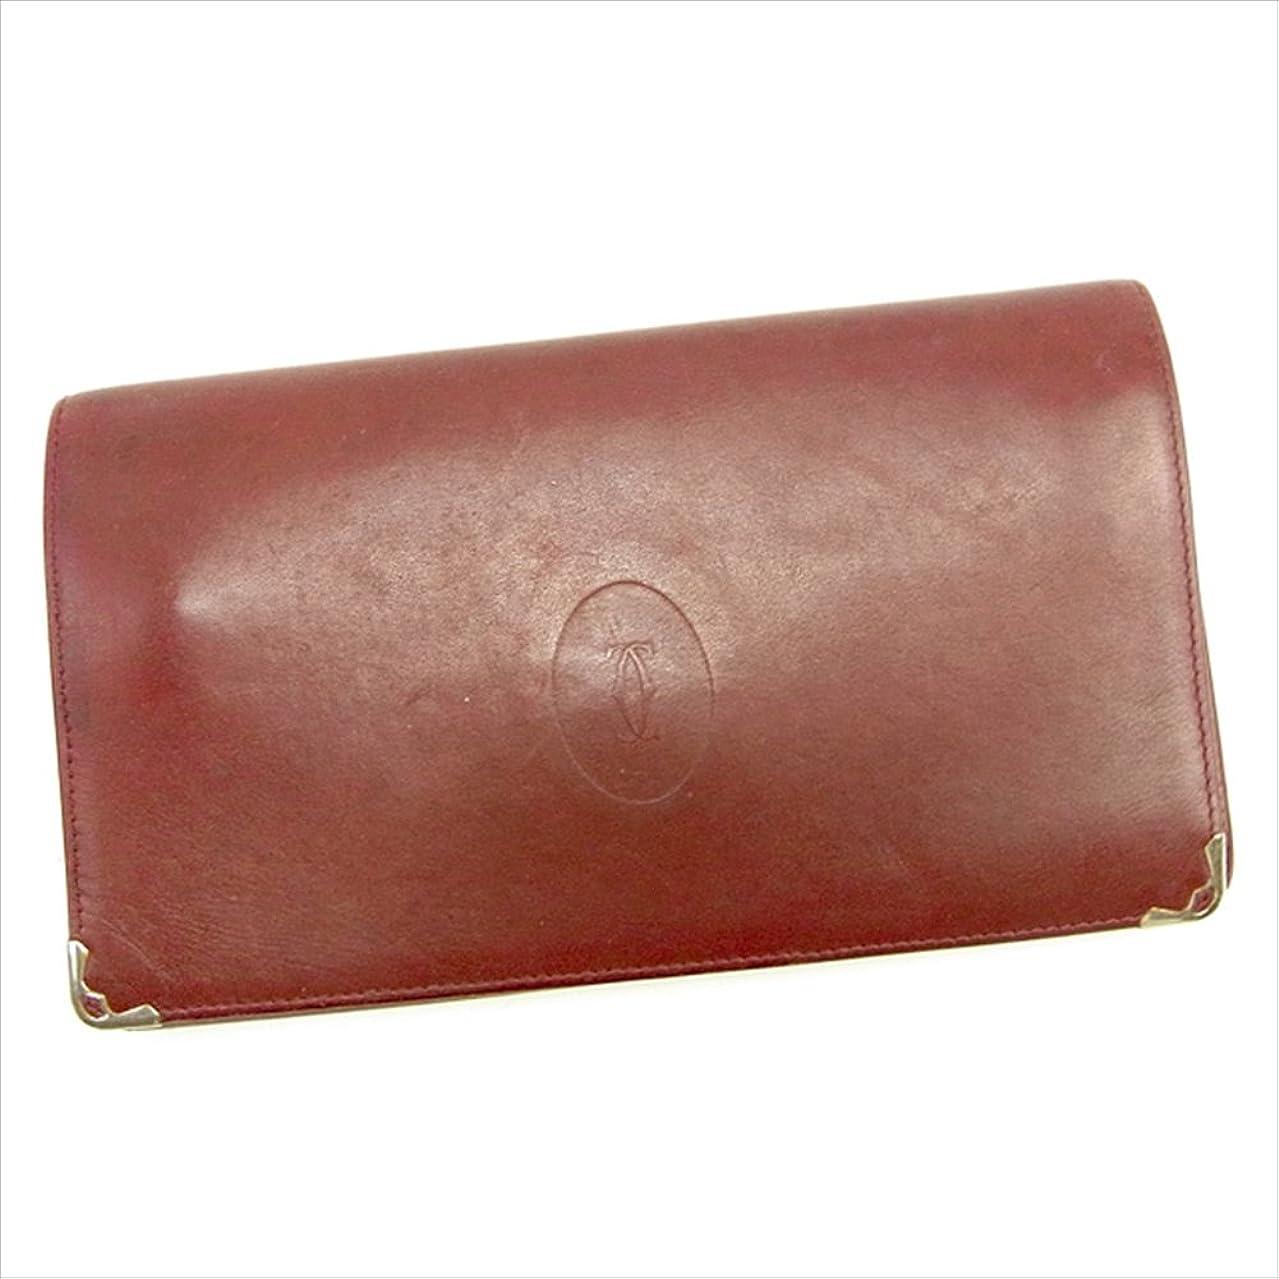 チャーター日帰り旅行にメダル(カルティエ) Cartier 長財布 がま口 財布 ボルドー×ゴールド マストライン レディース メンズ 可 中古 T1227